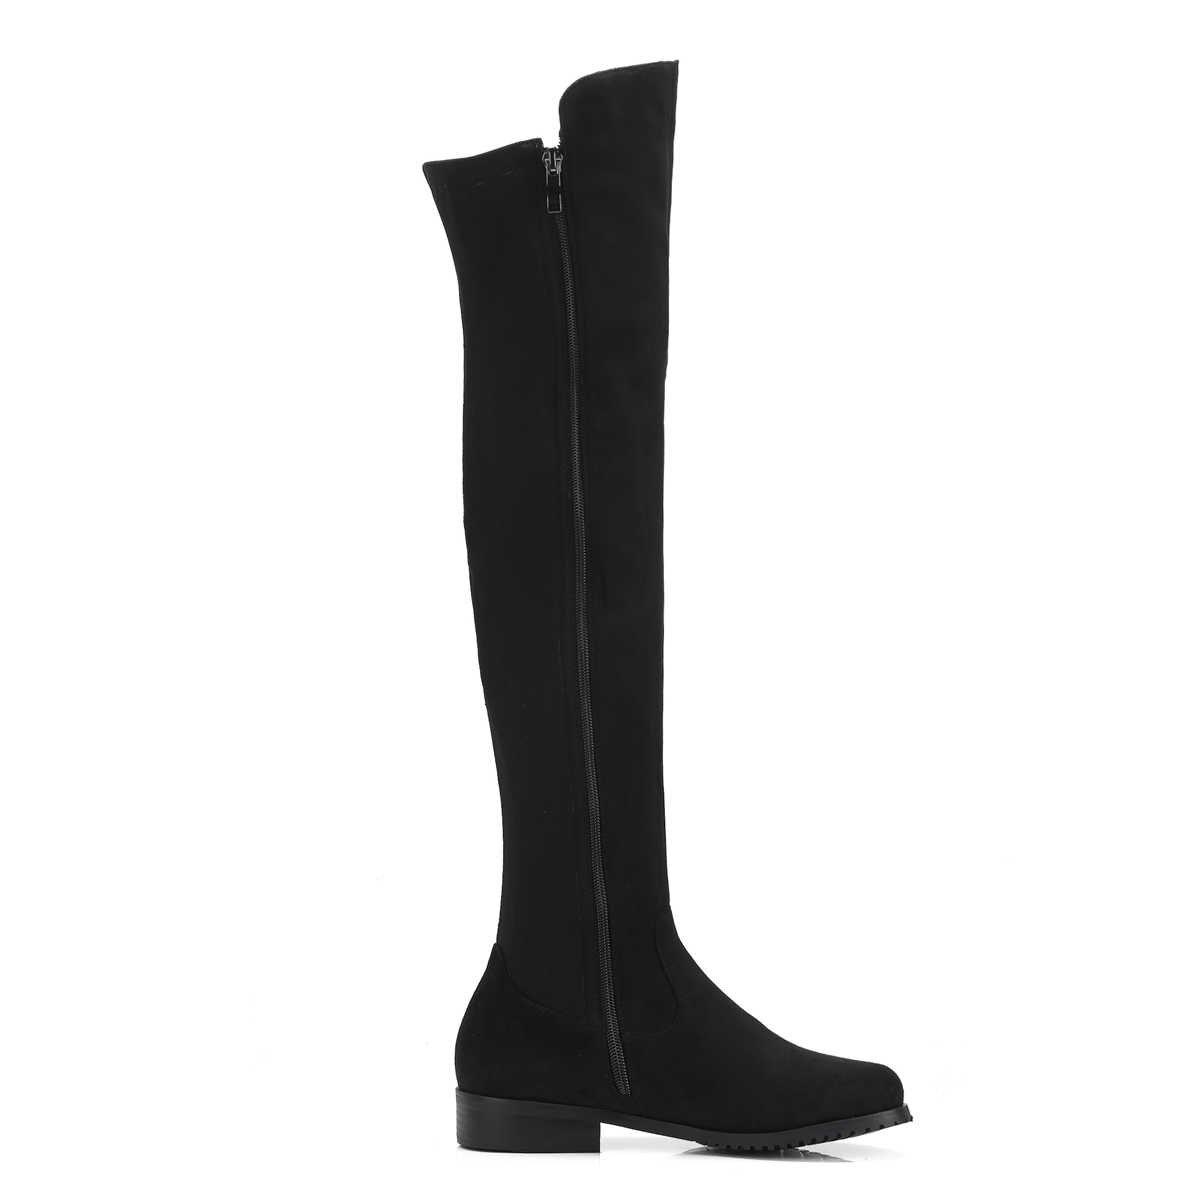 Kadın diz yüksek çizmeler kadın akın deri rahat kış çizmeler kadın uzun çizmeler siyah şarap kırmızı gri diz botları 2019 ayakkabı